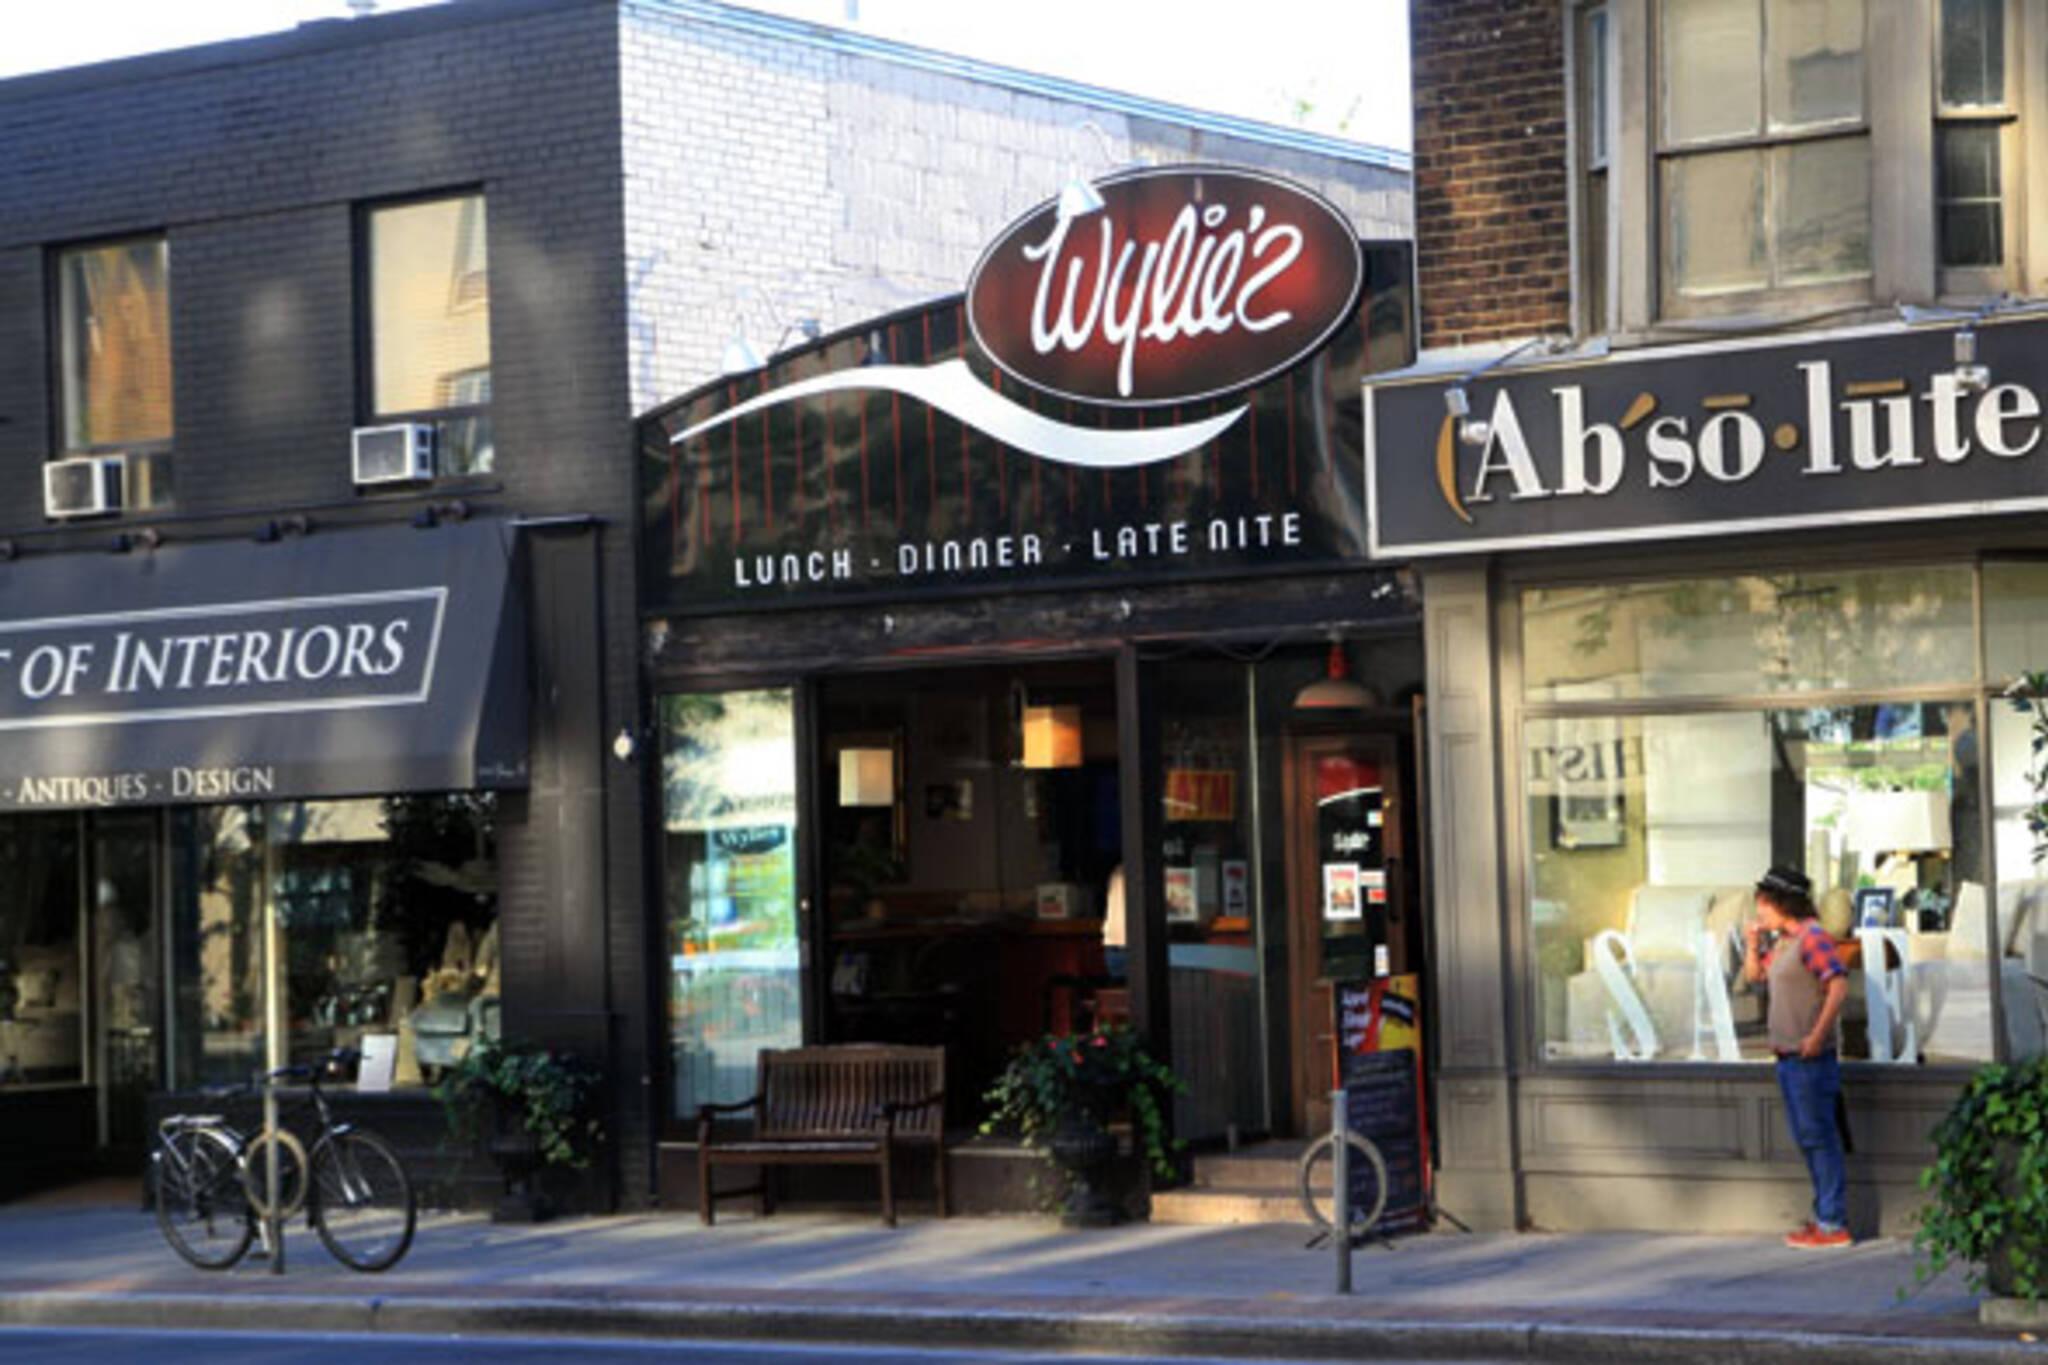 Wylie's Toronto